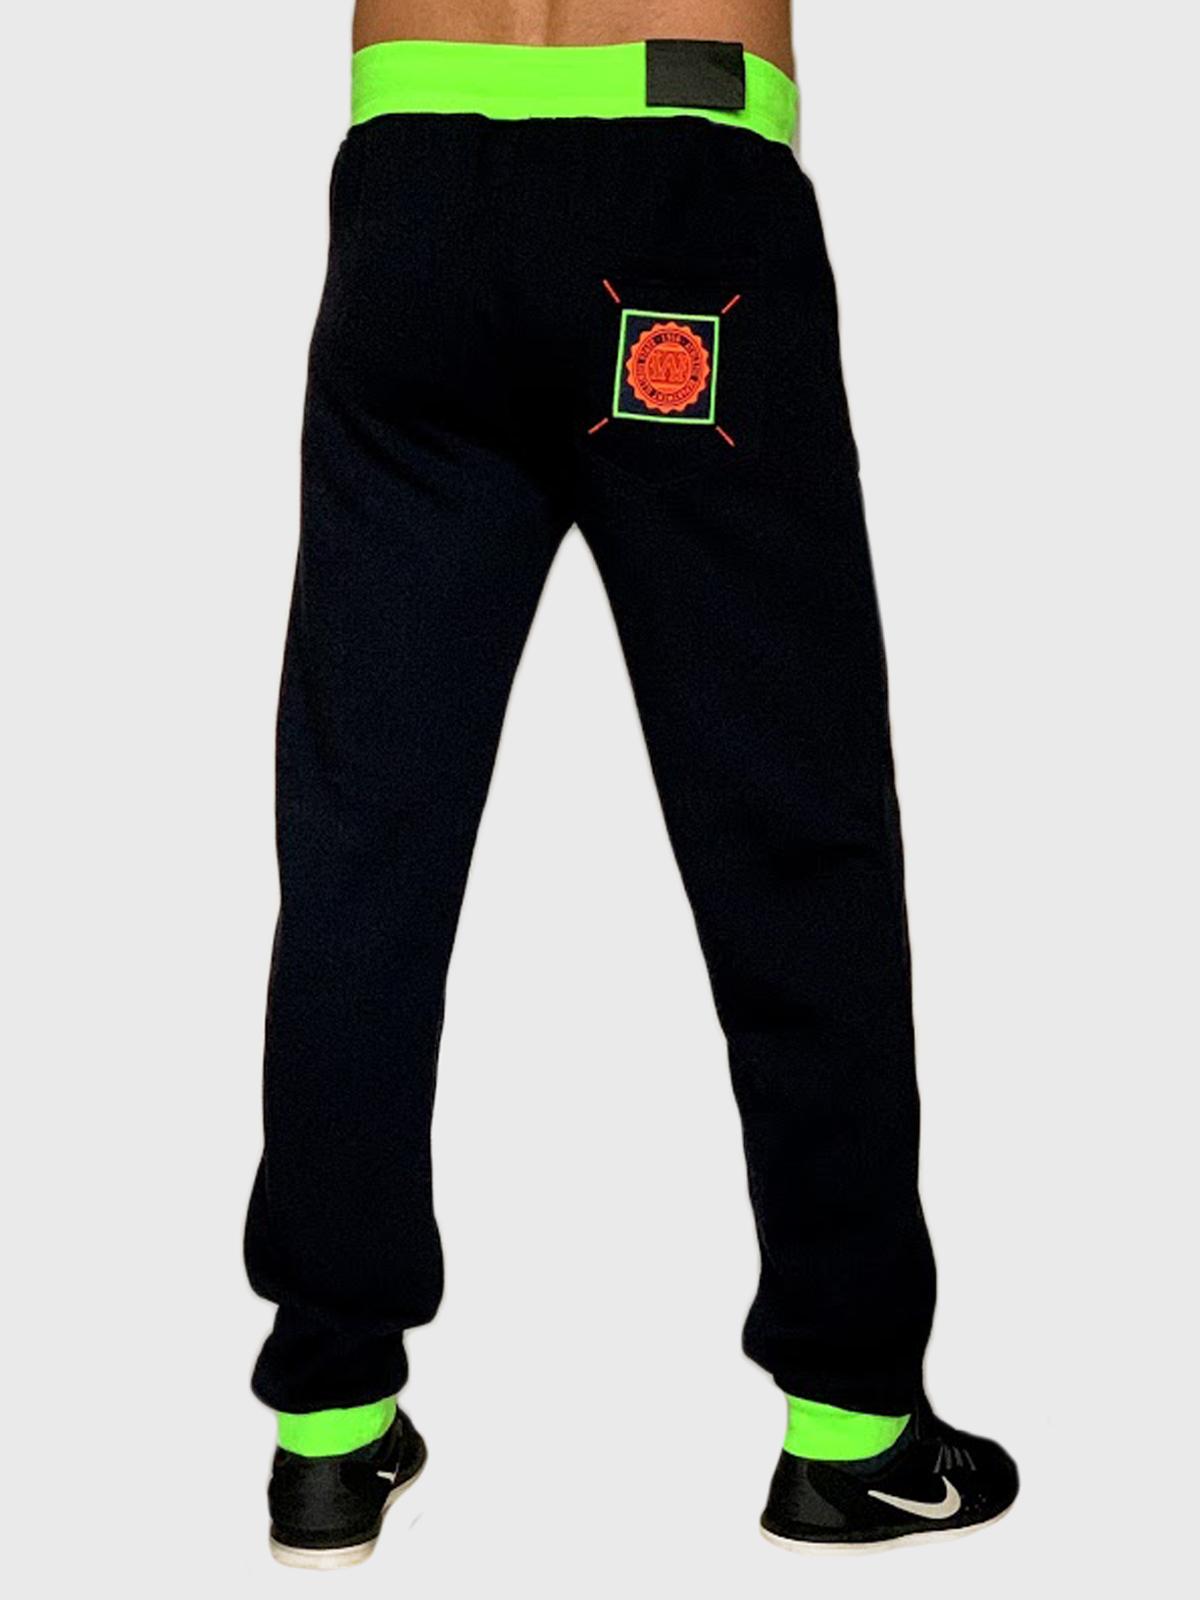 Недорогие спортивнее брюки для парней от ТМ FSBN